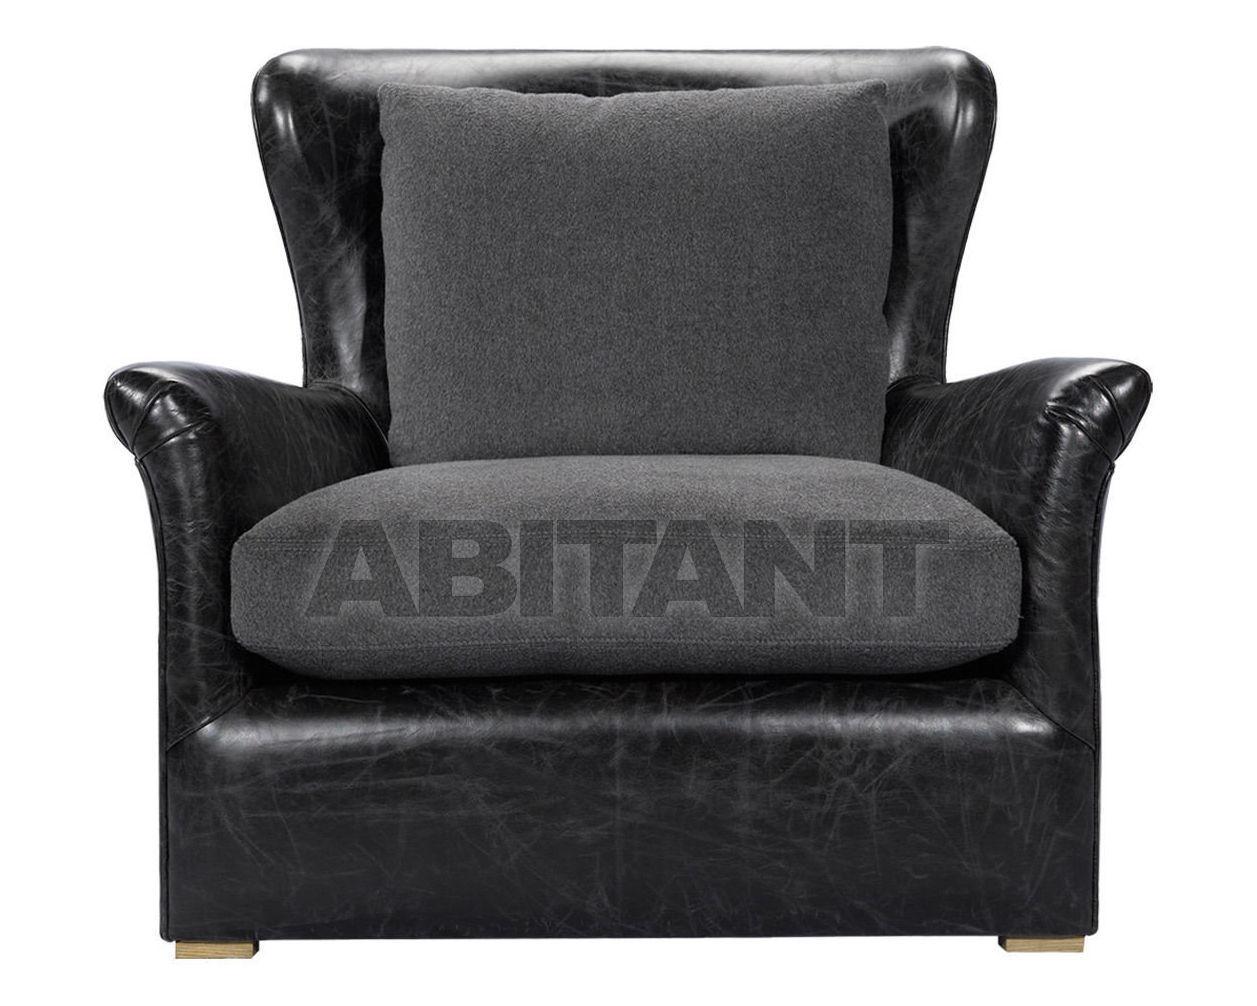 Купить Кресло Curations Limited 2013 7841.3108